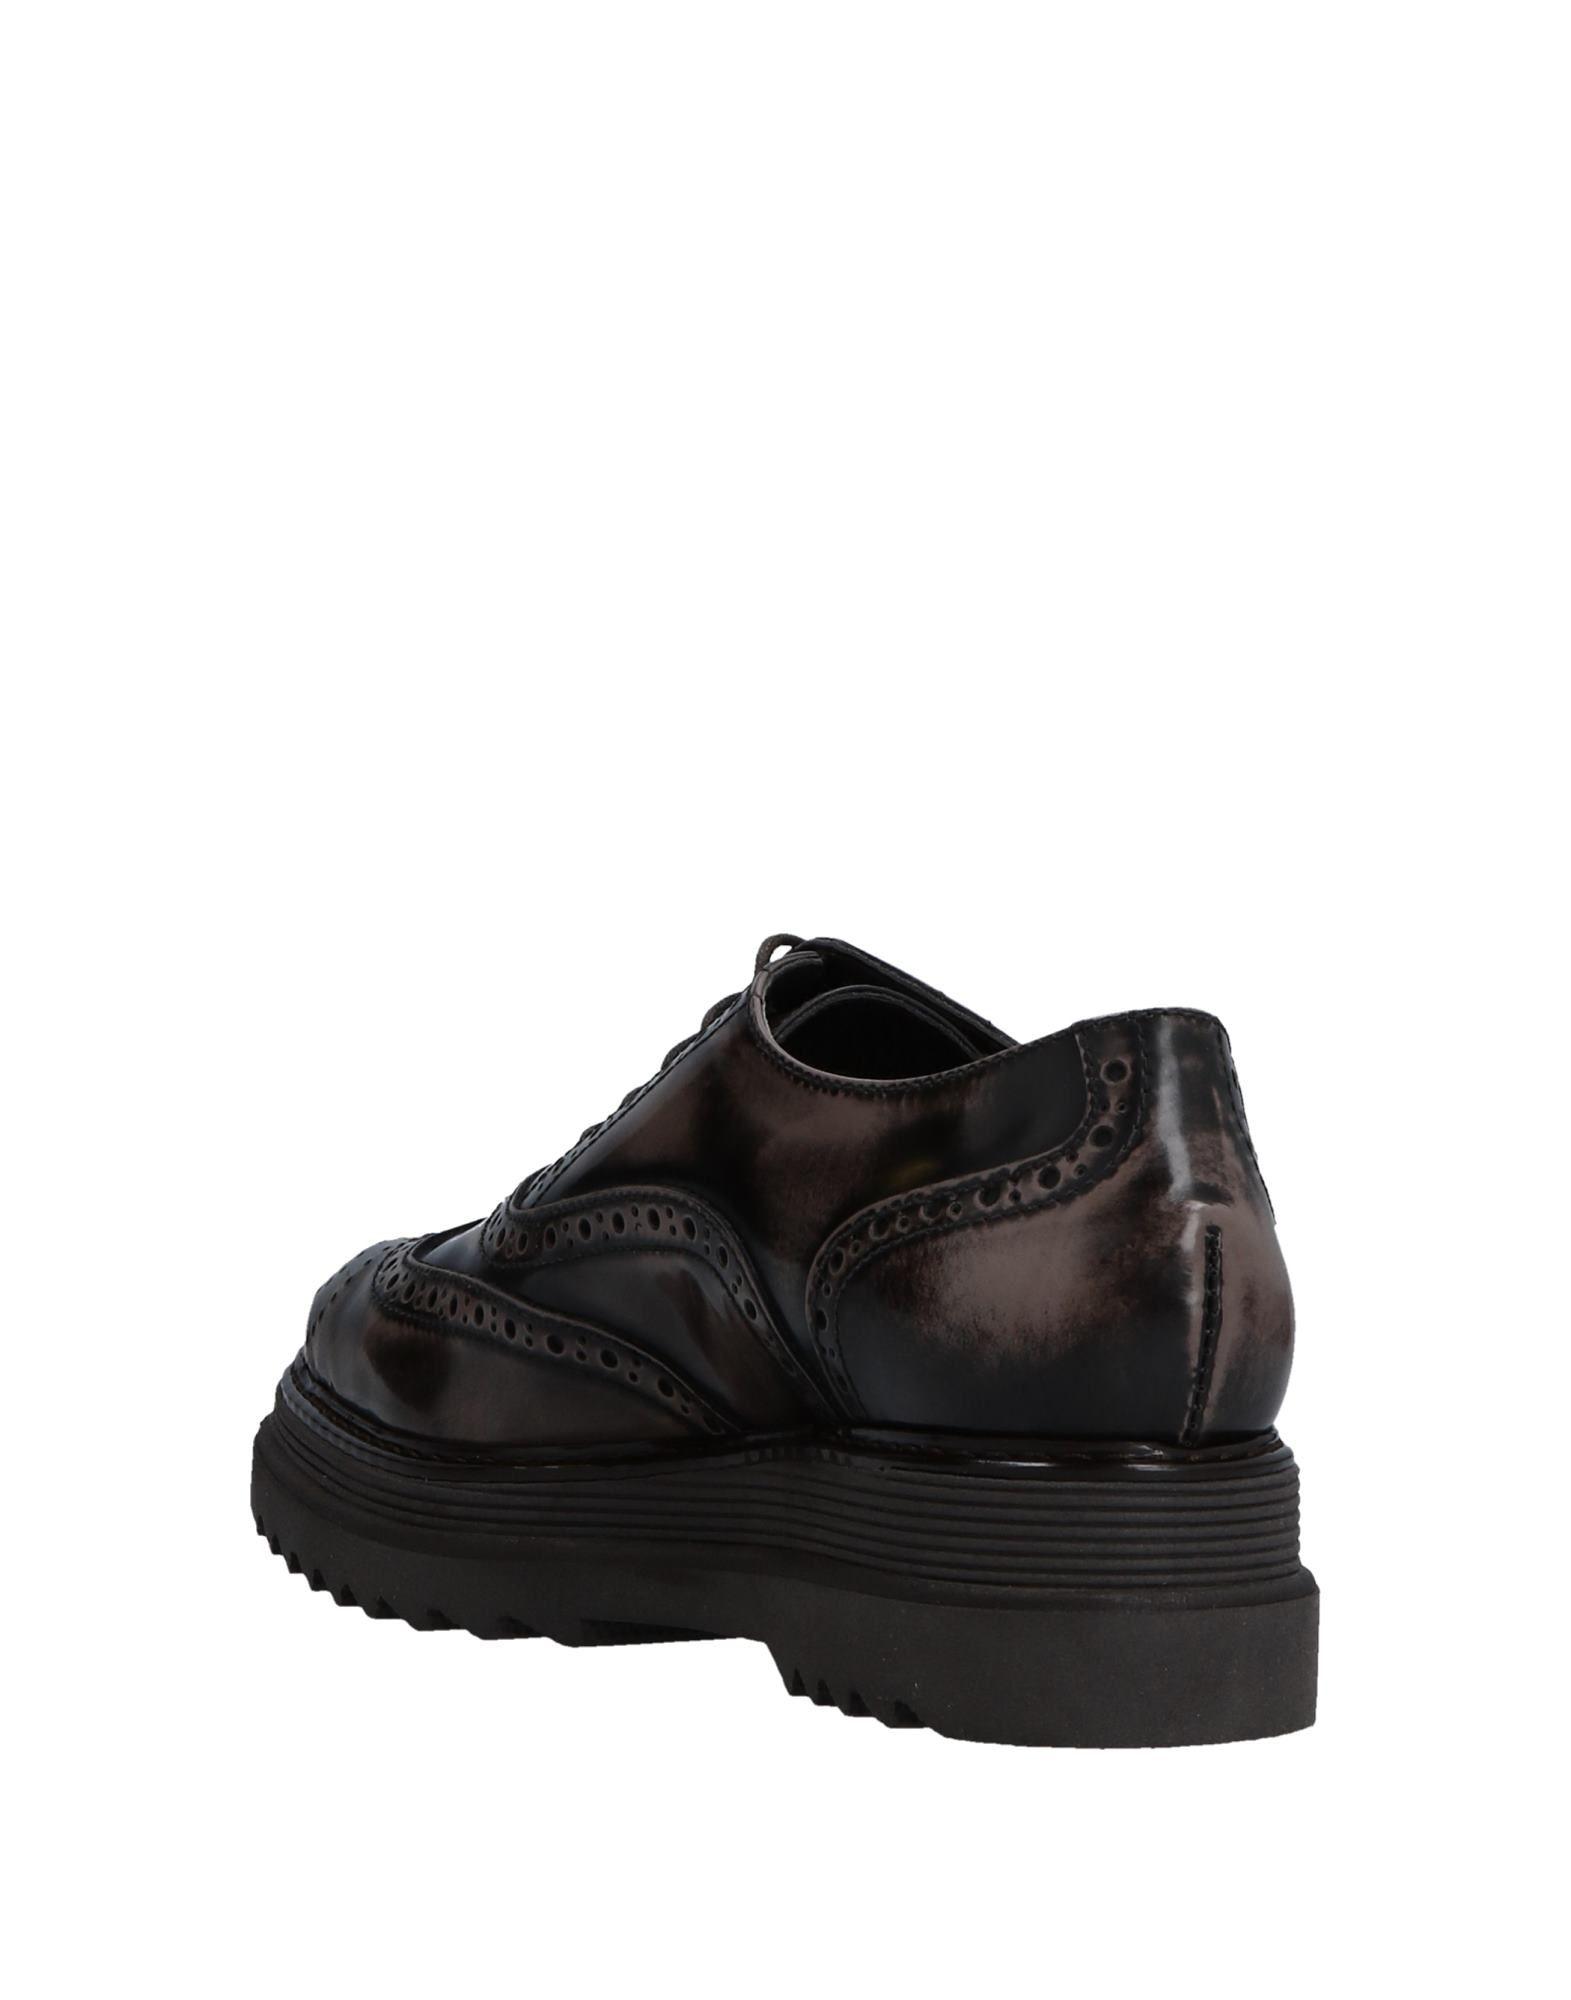 Eliana Bucci Schnürschuhe Damen  Schuhe 11532848IW Gute Qualität beliebte Schuhe  27f58b